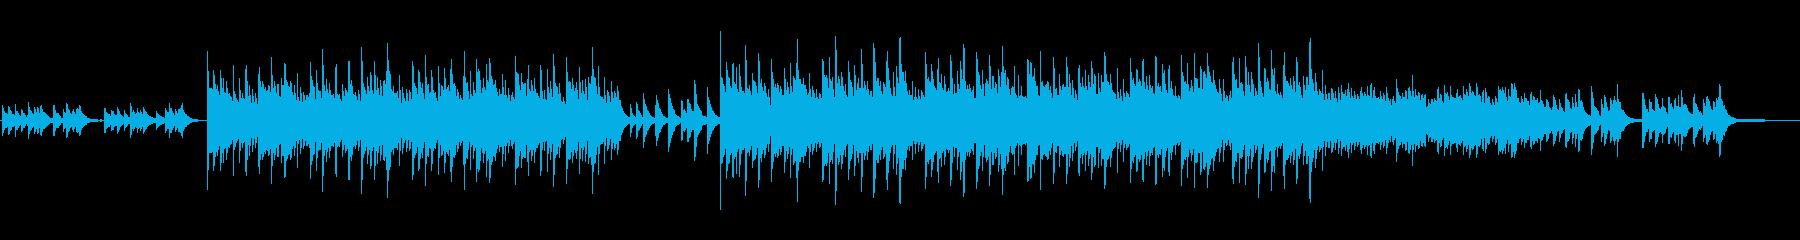 ほのぼのしたピアノ曲の再生済みの波形